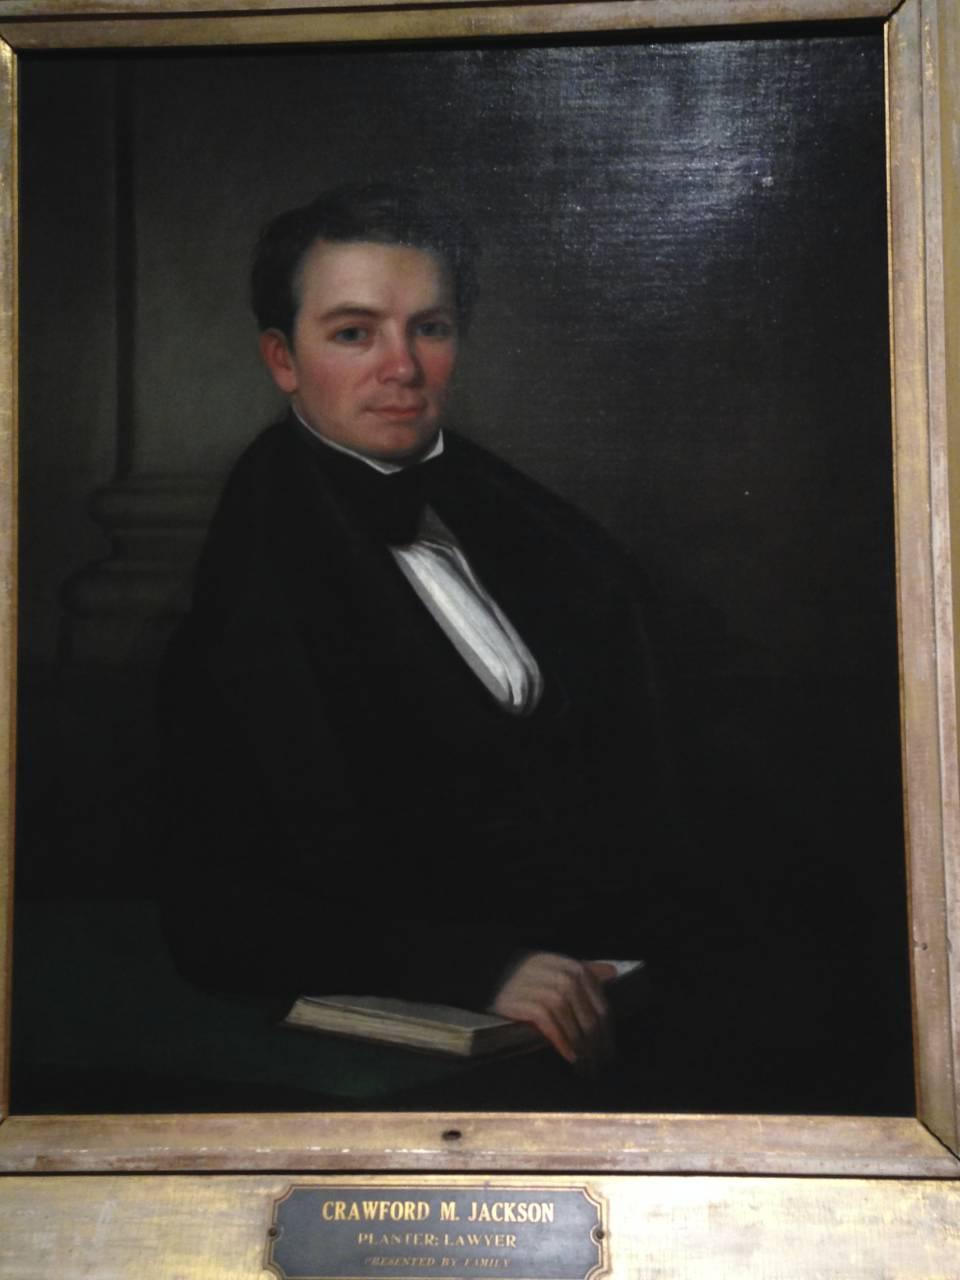 Crawford M. Jackson